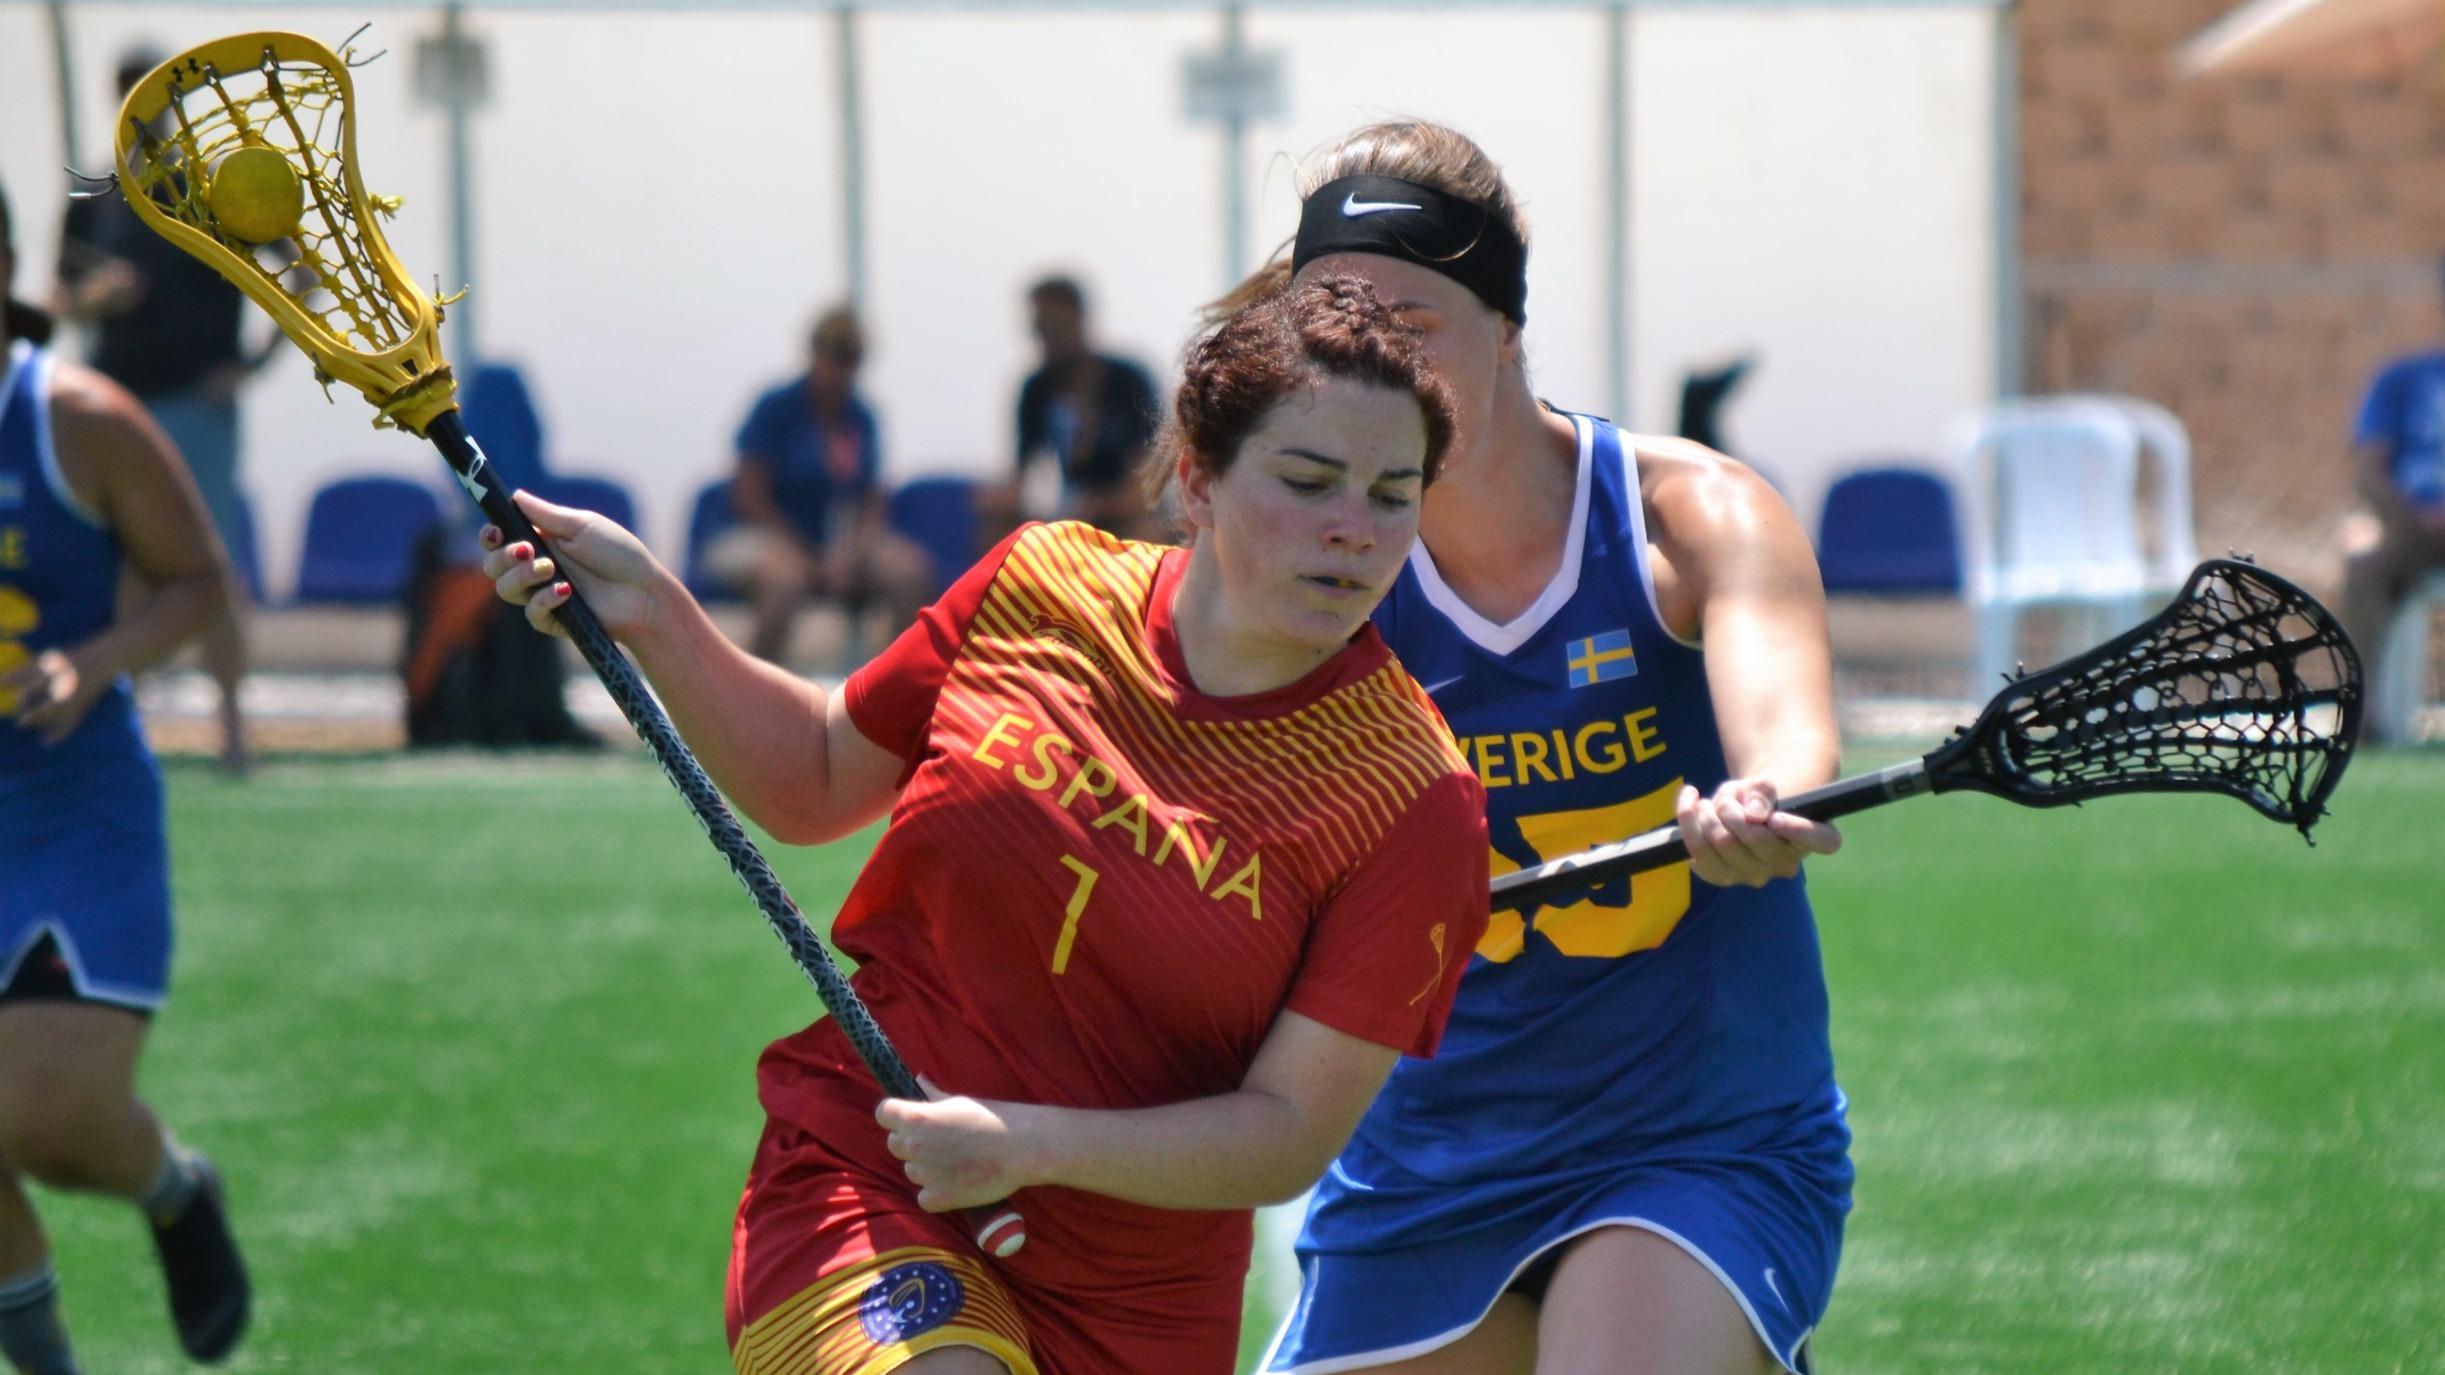 Sarah_Quigley_Spain_Lacrosse.jpg